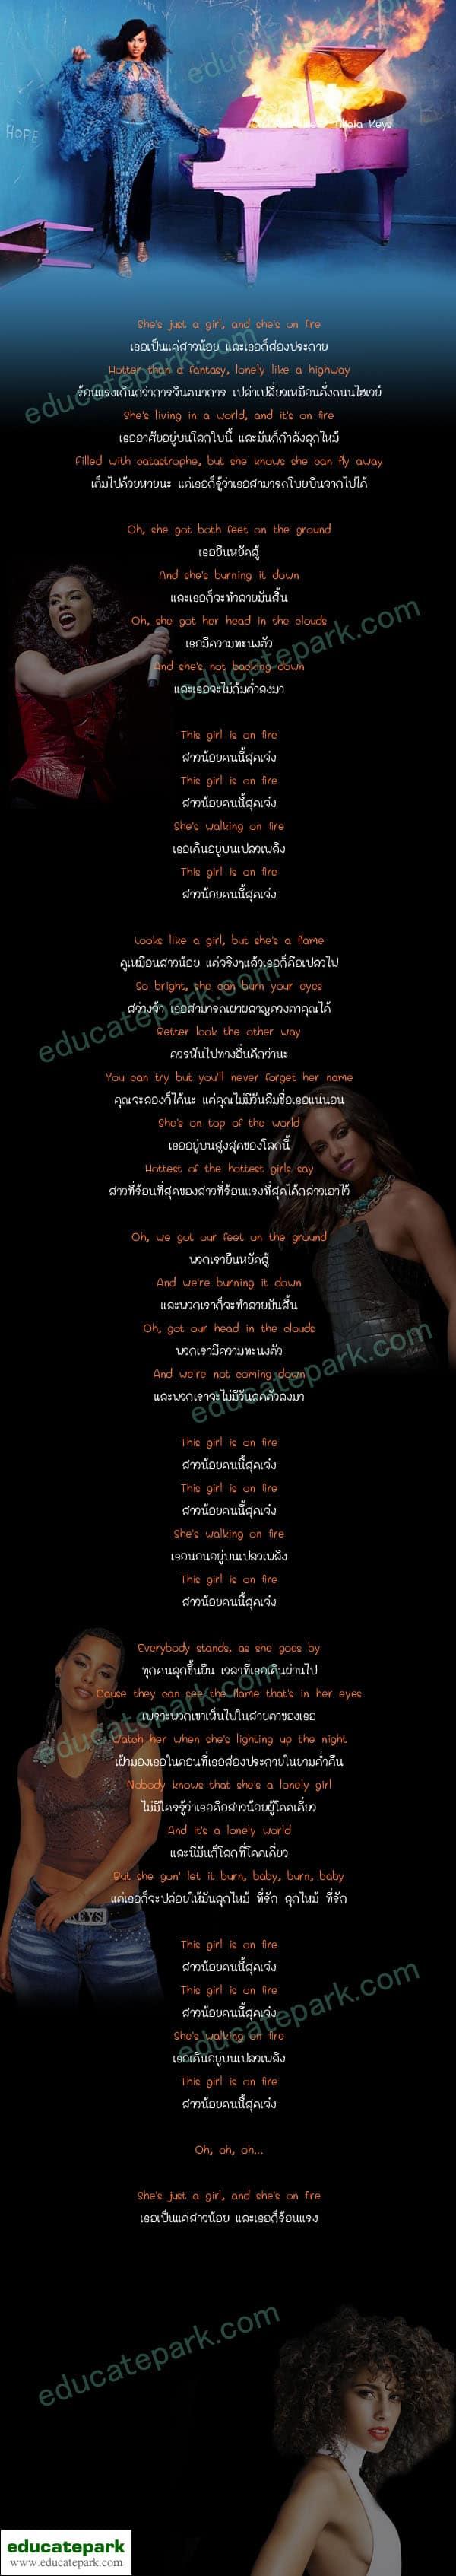 แปลเพลง Girl on Fire - Alicia Keys